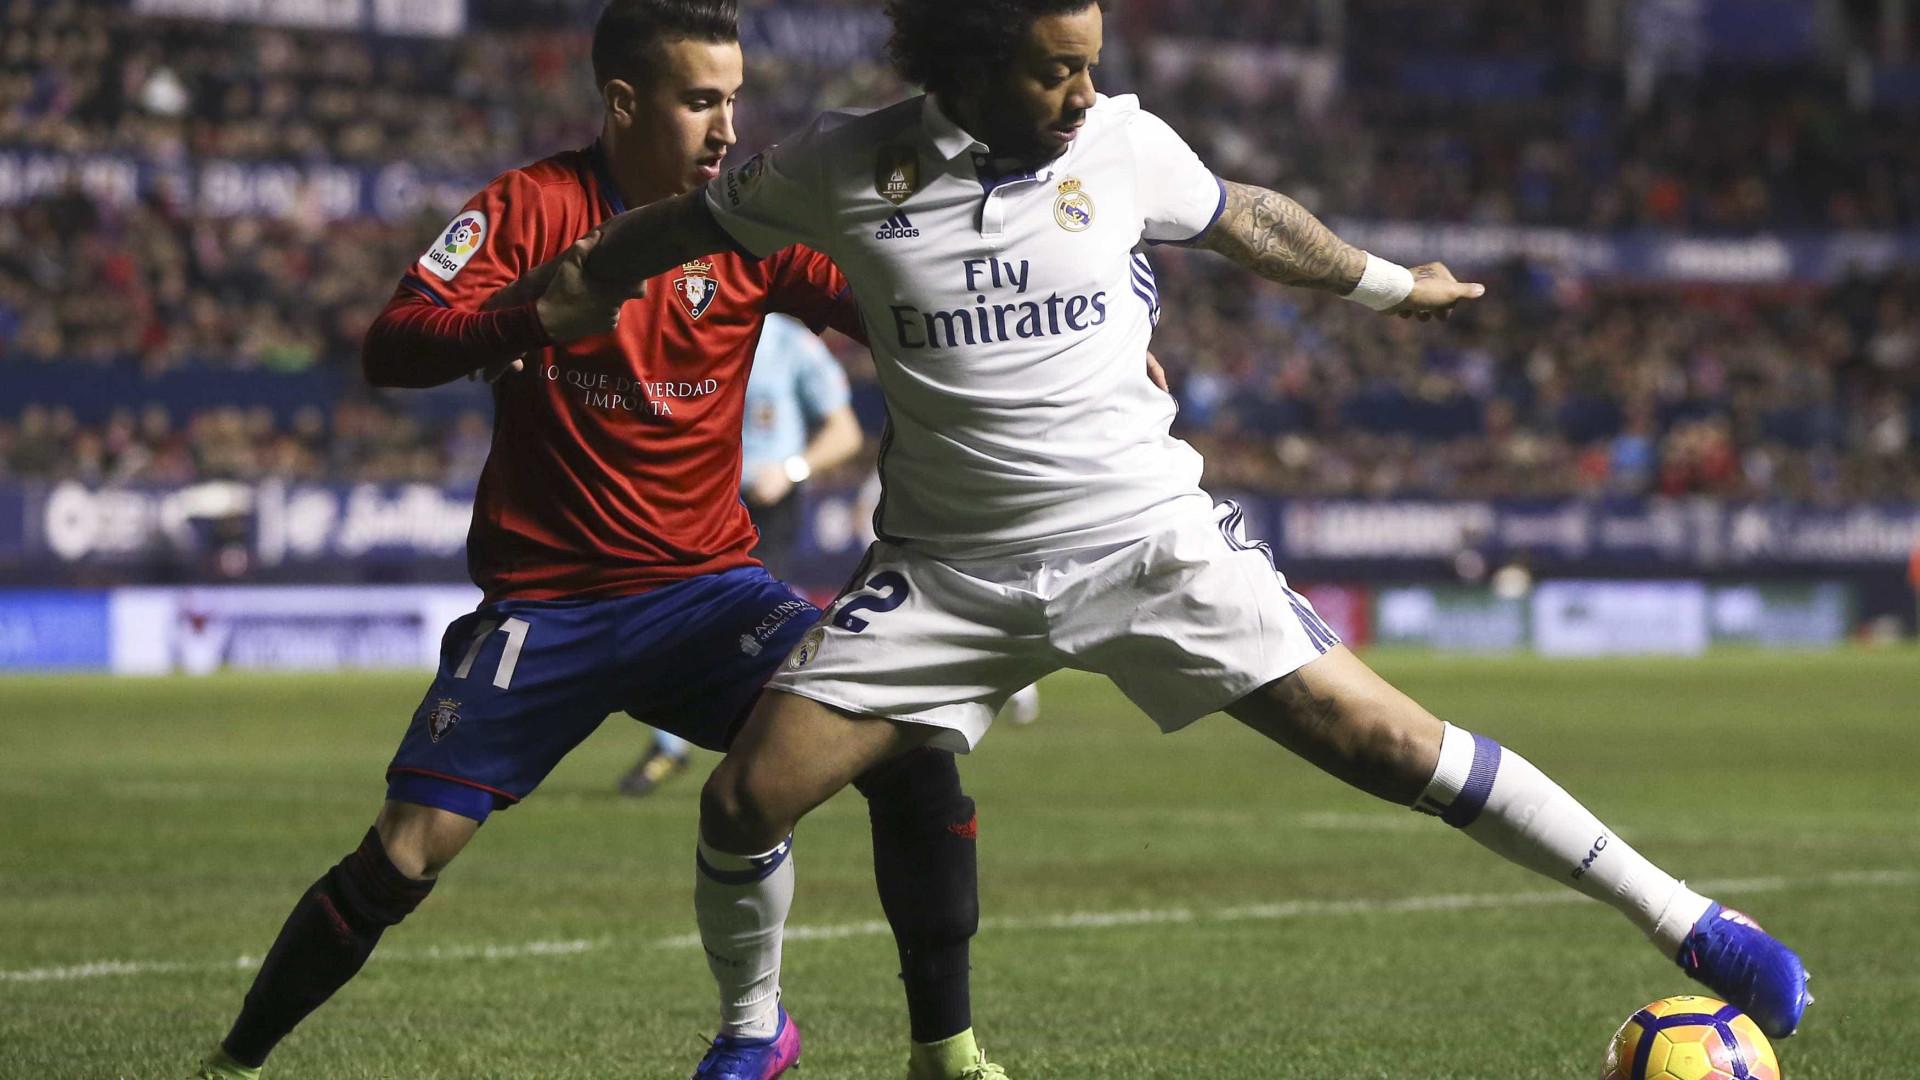 Sporting: De Espanha, um lateral. De Itália, um extremo